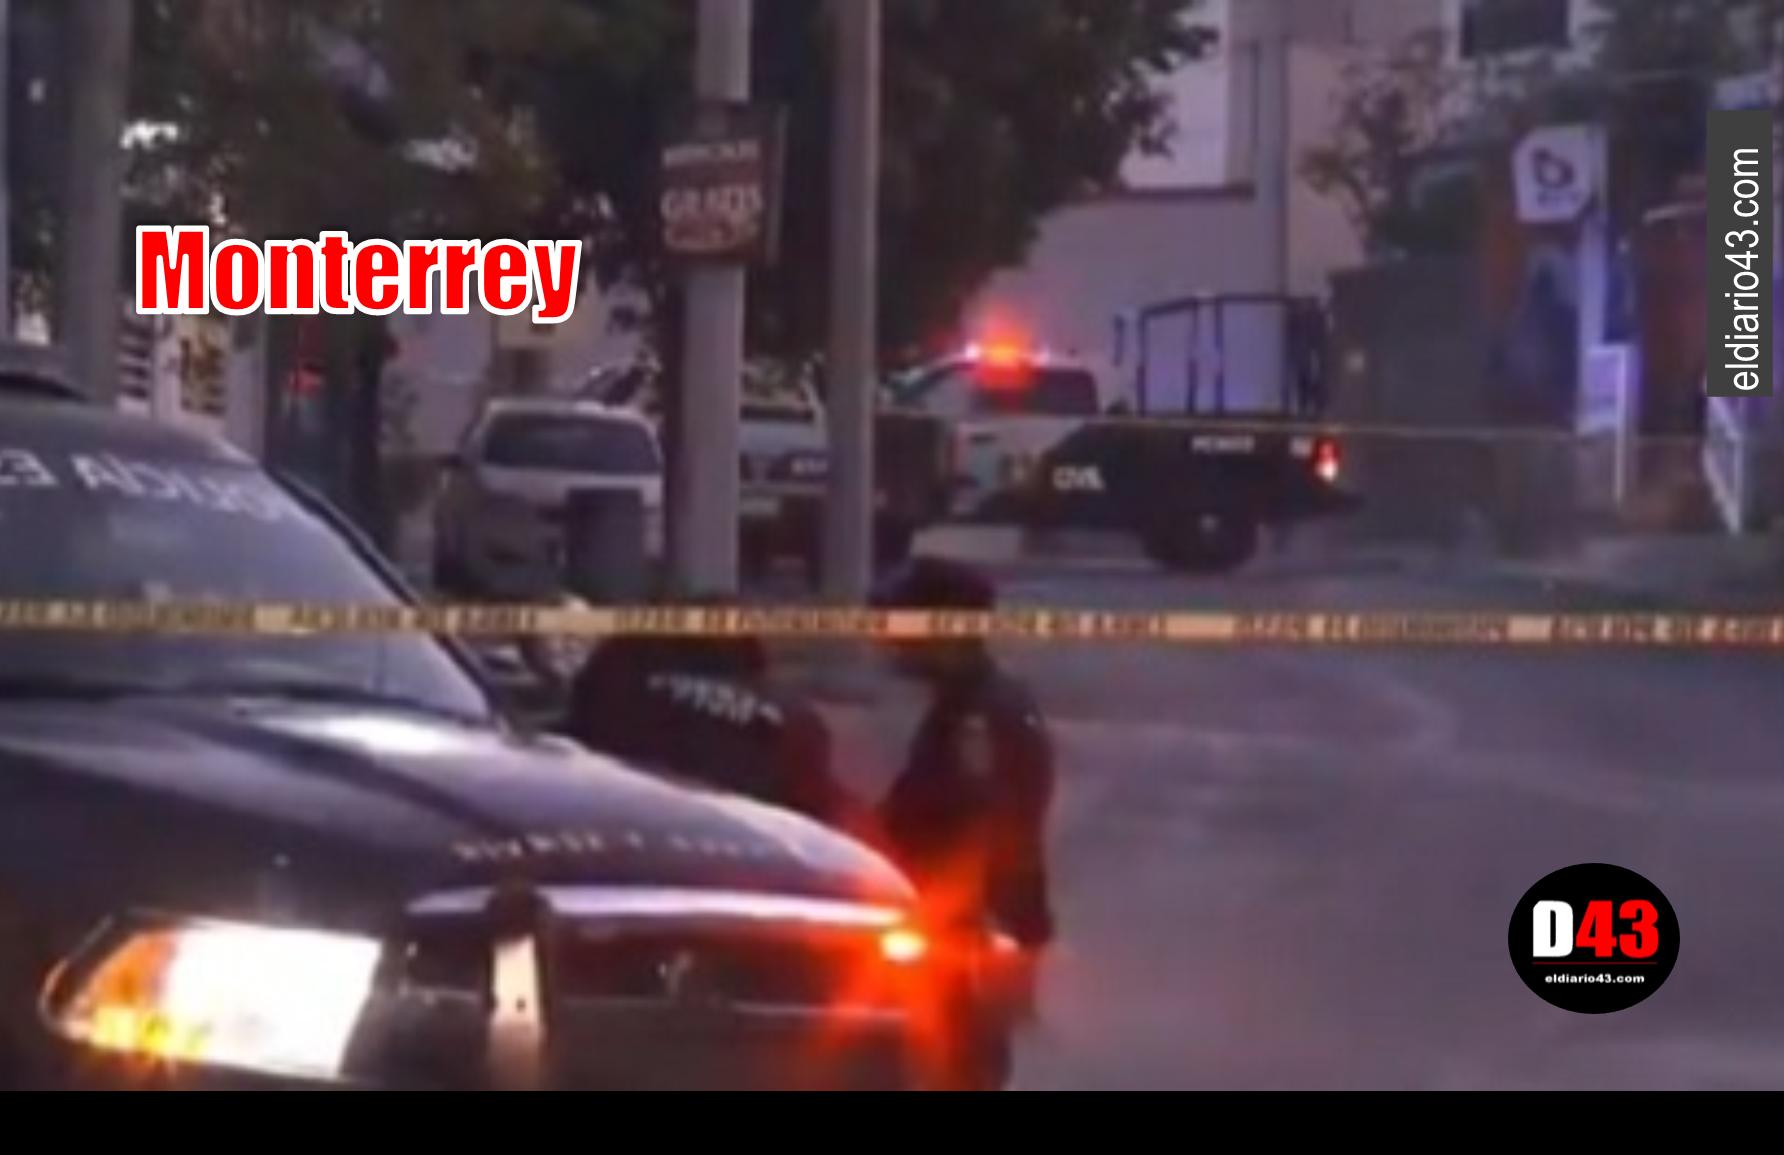 Hallan 7 bolsas con restos humanos en Monterrey